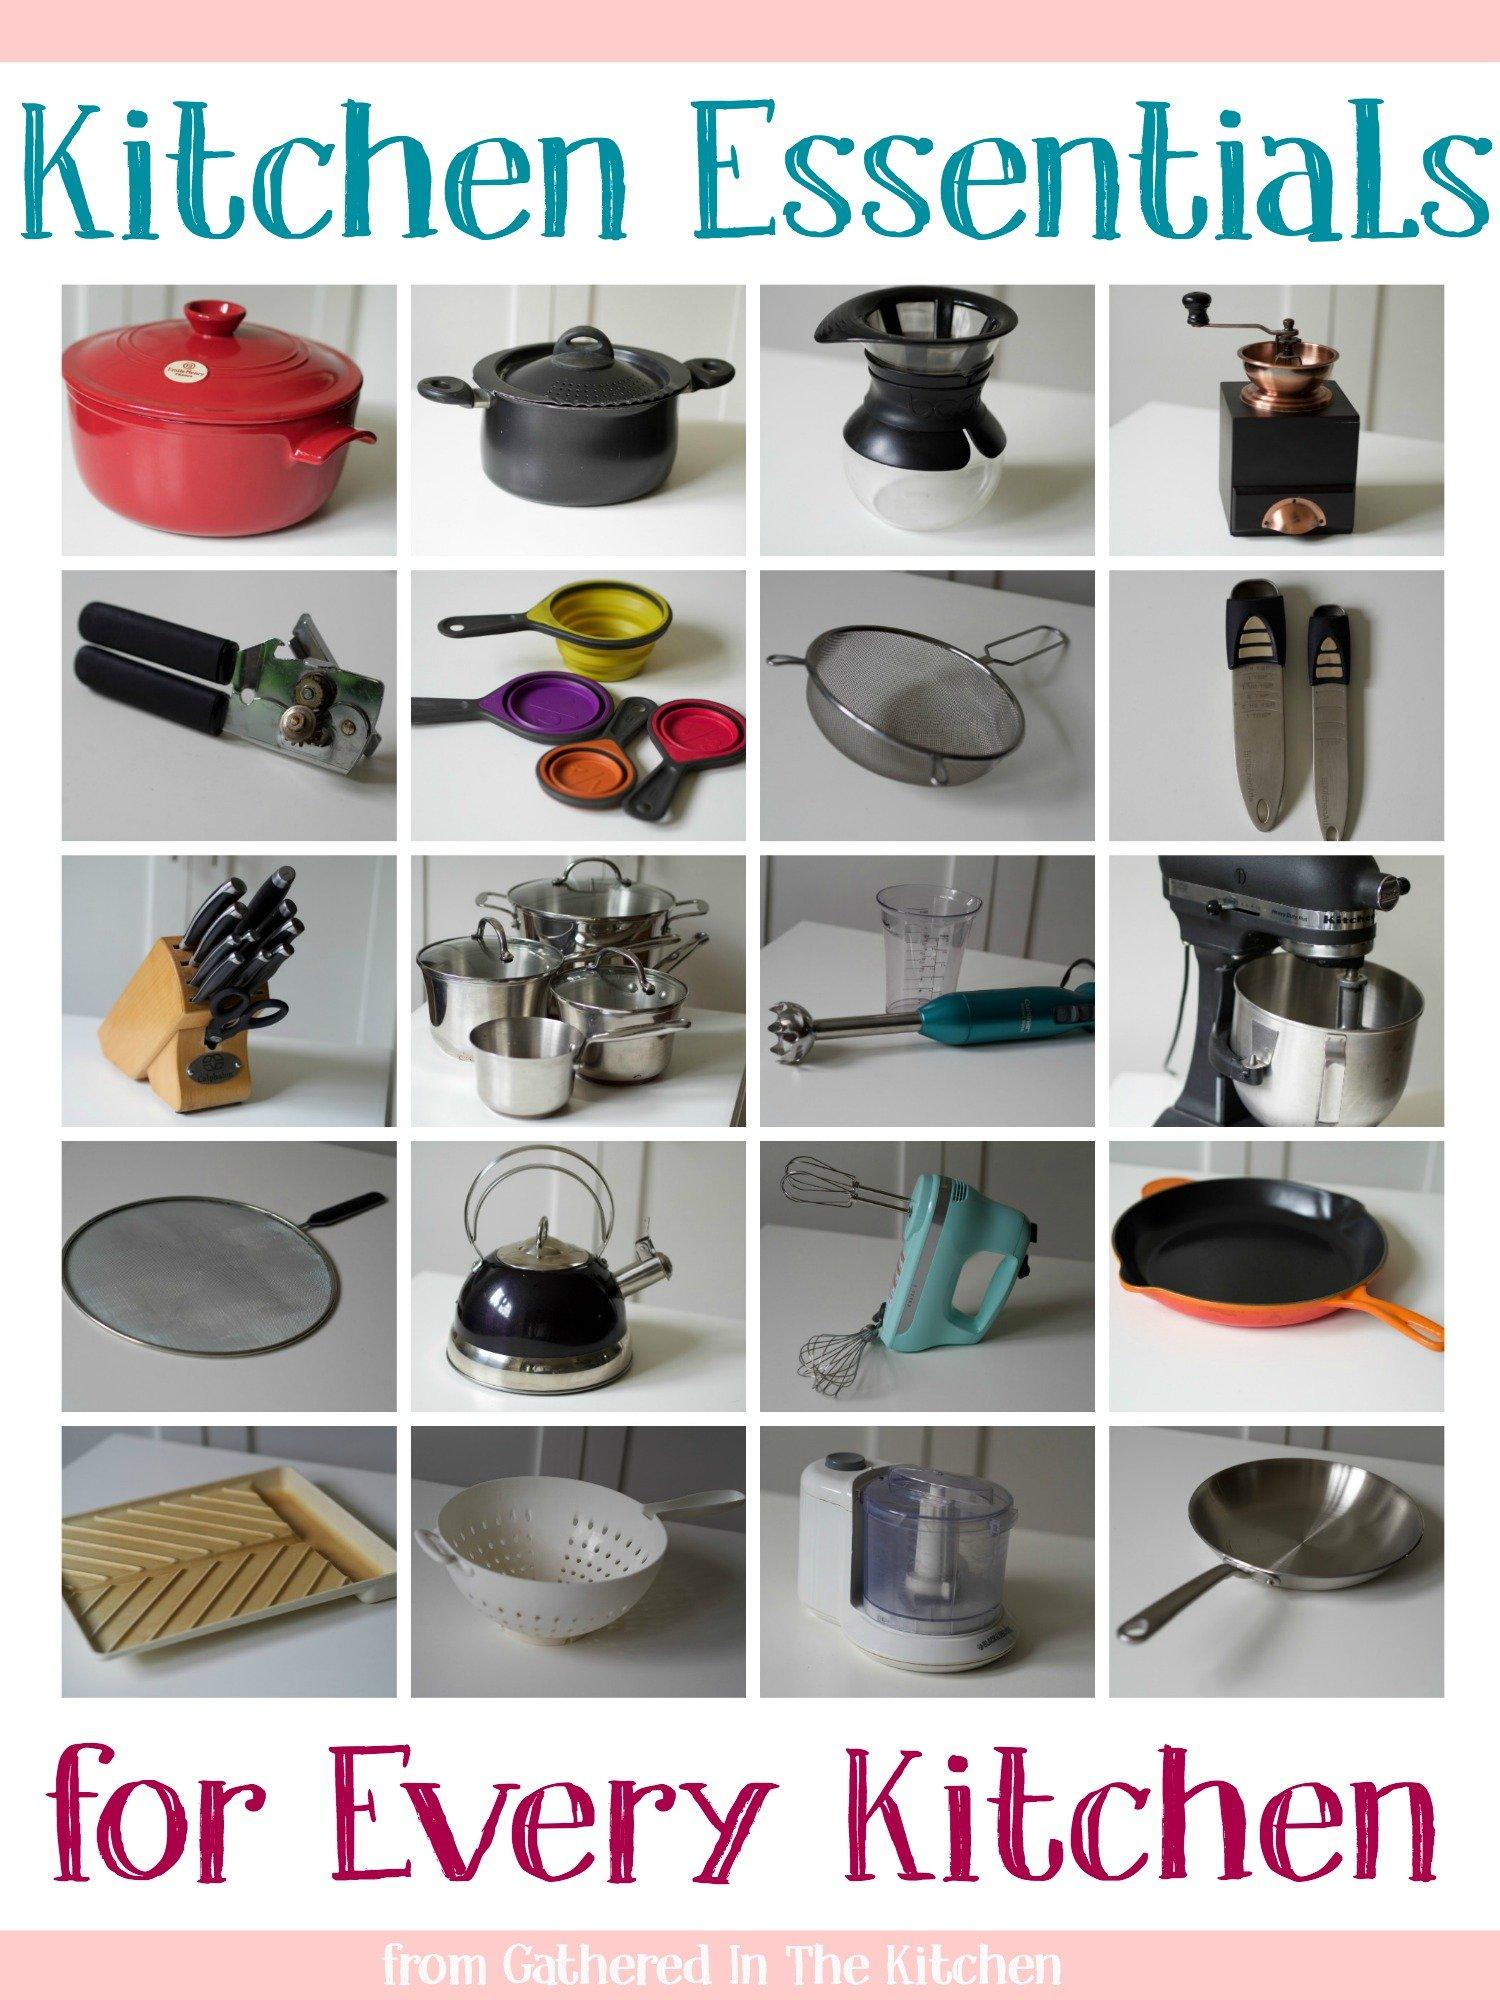 Kitchen Essentials for Every Kitchen